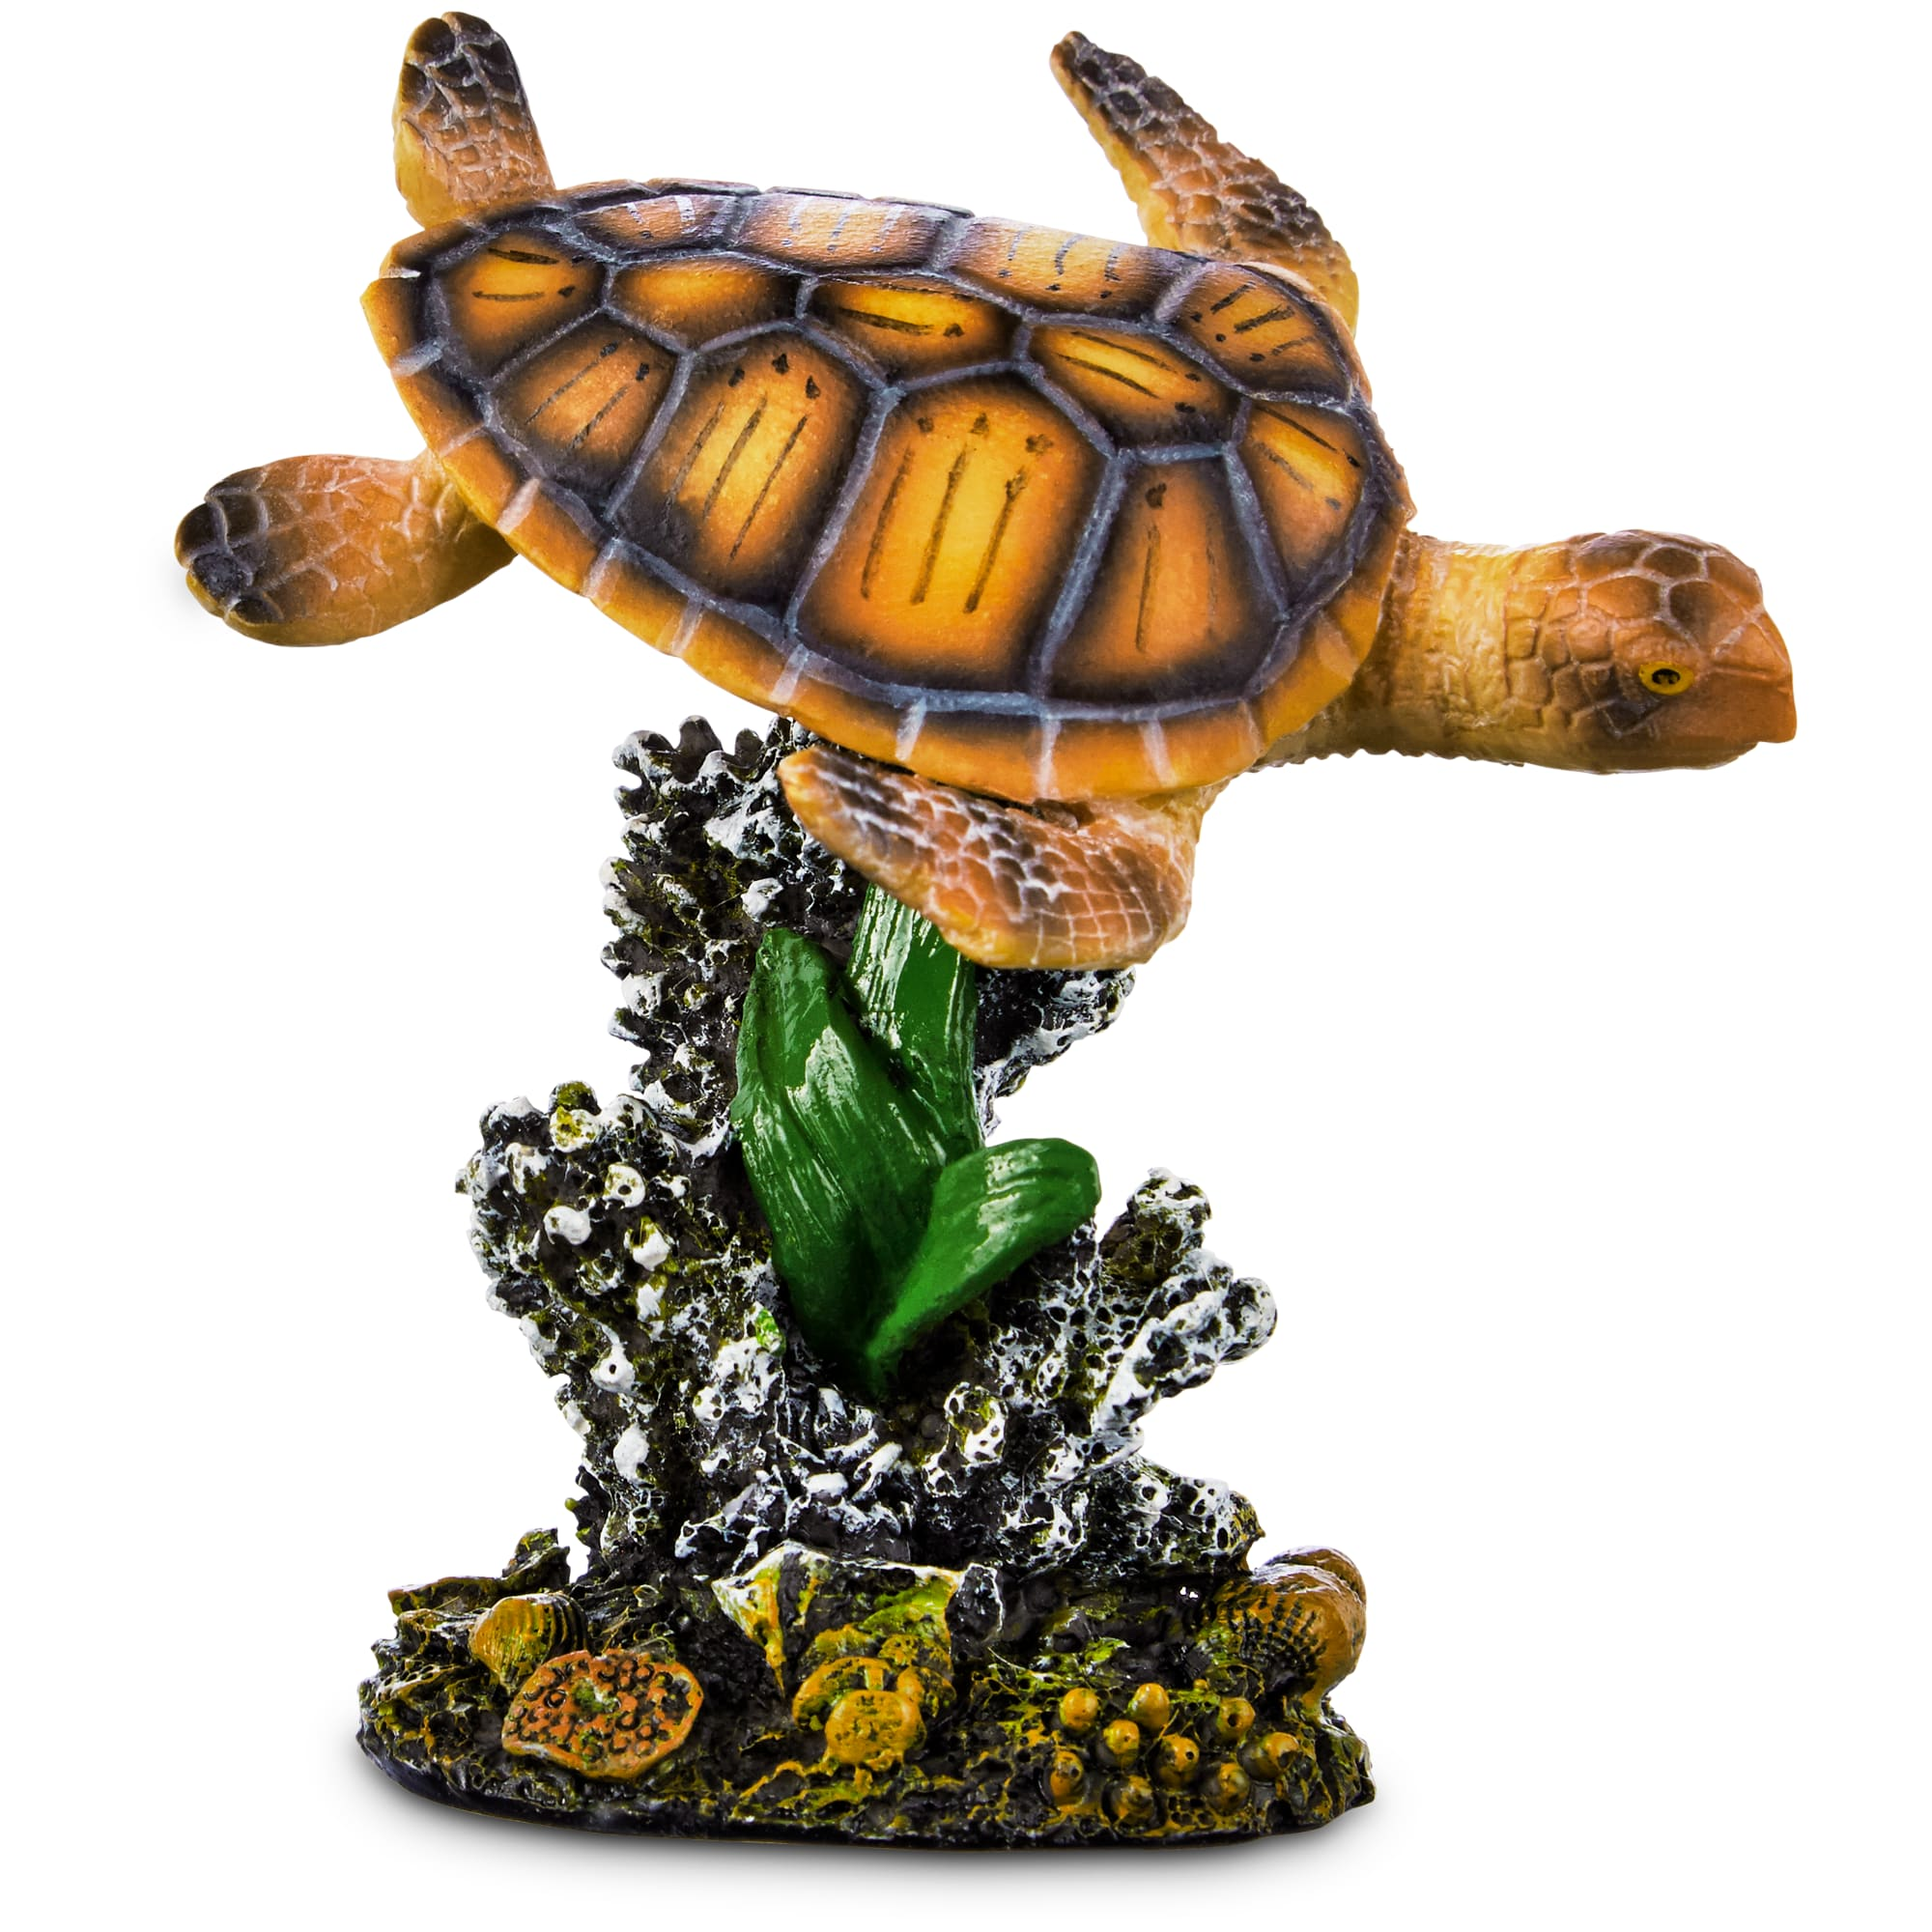 Imagitarium Sea Turtle And Coral Garden Aquarium Ornament Small Petco